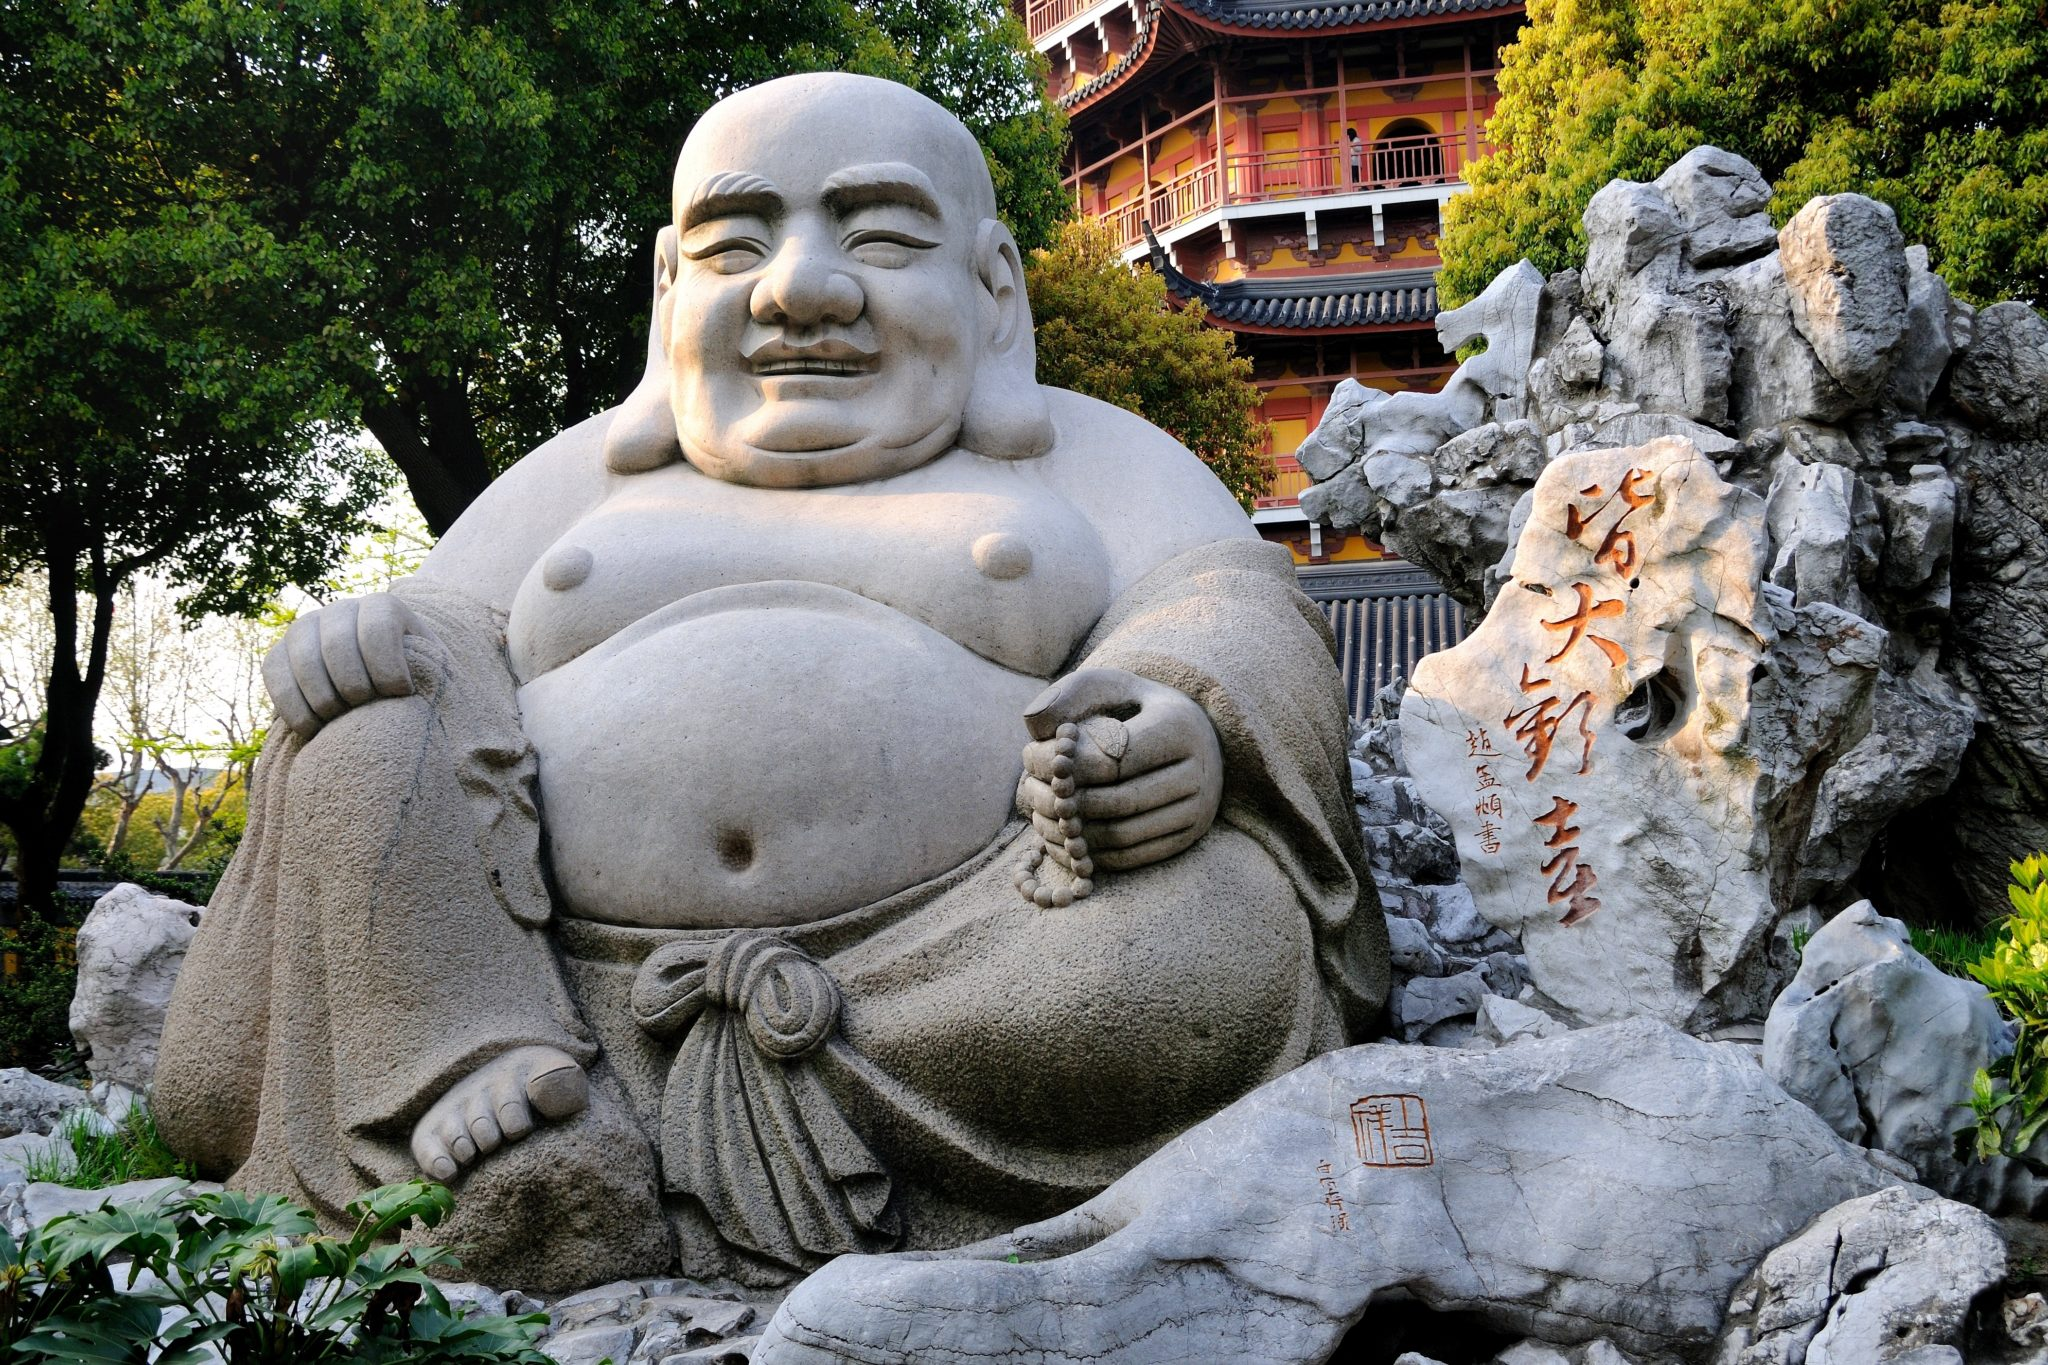 Obésité, surpoids : des excès alimentaires, mais pas uniquement ! Le regard de la médecine traditionnelle chinoise sur les problèmes de poids.